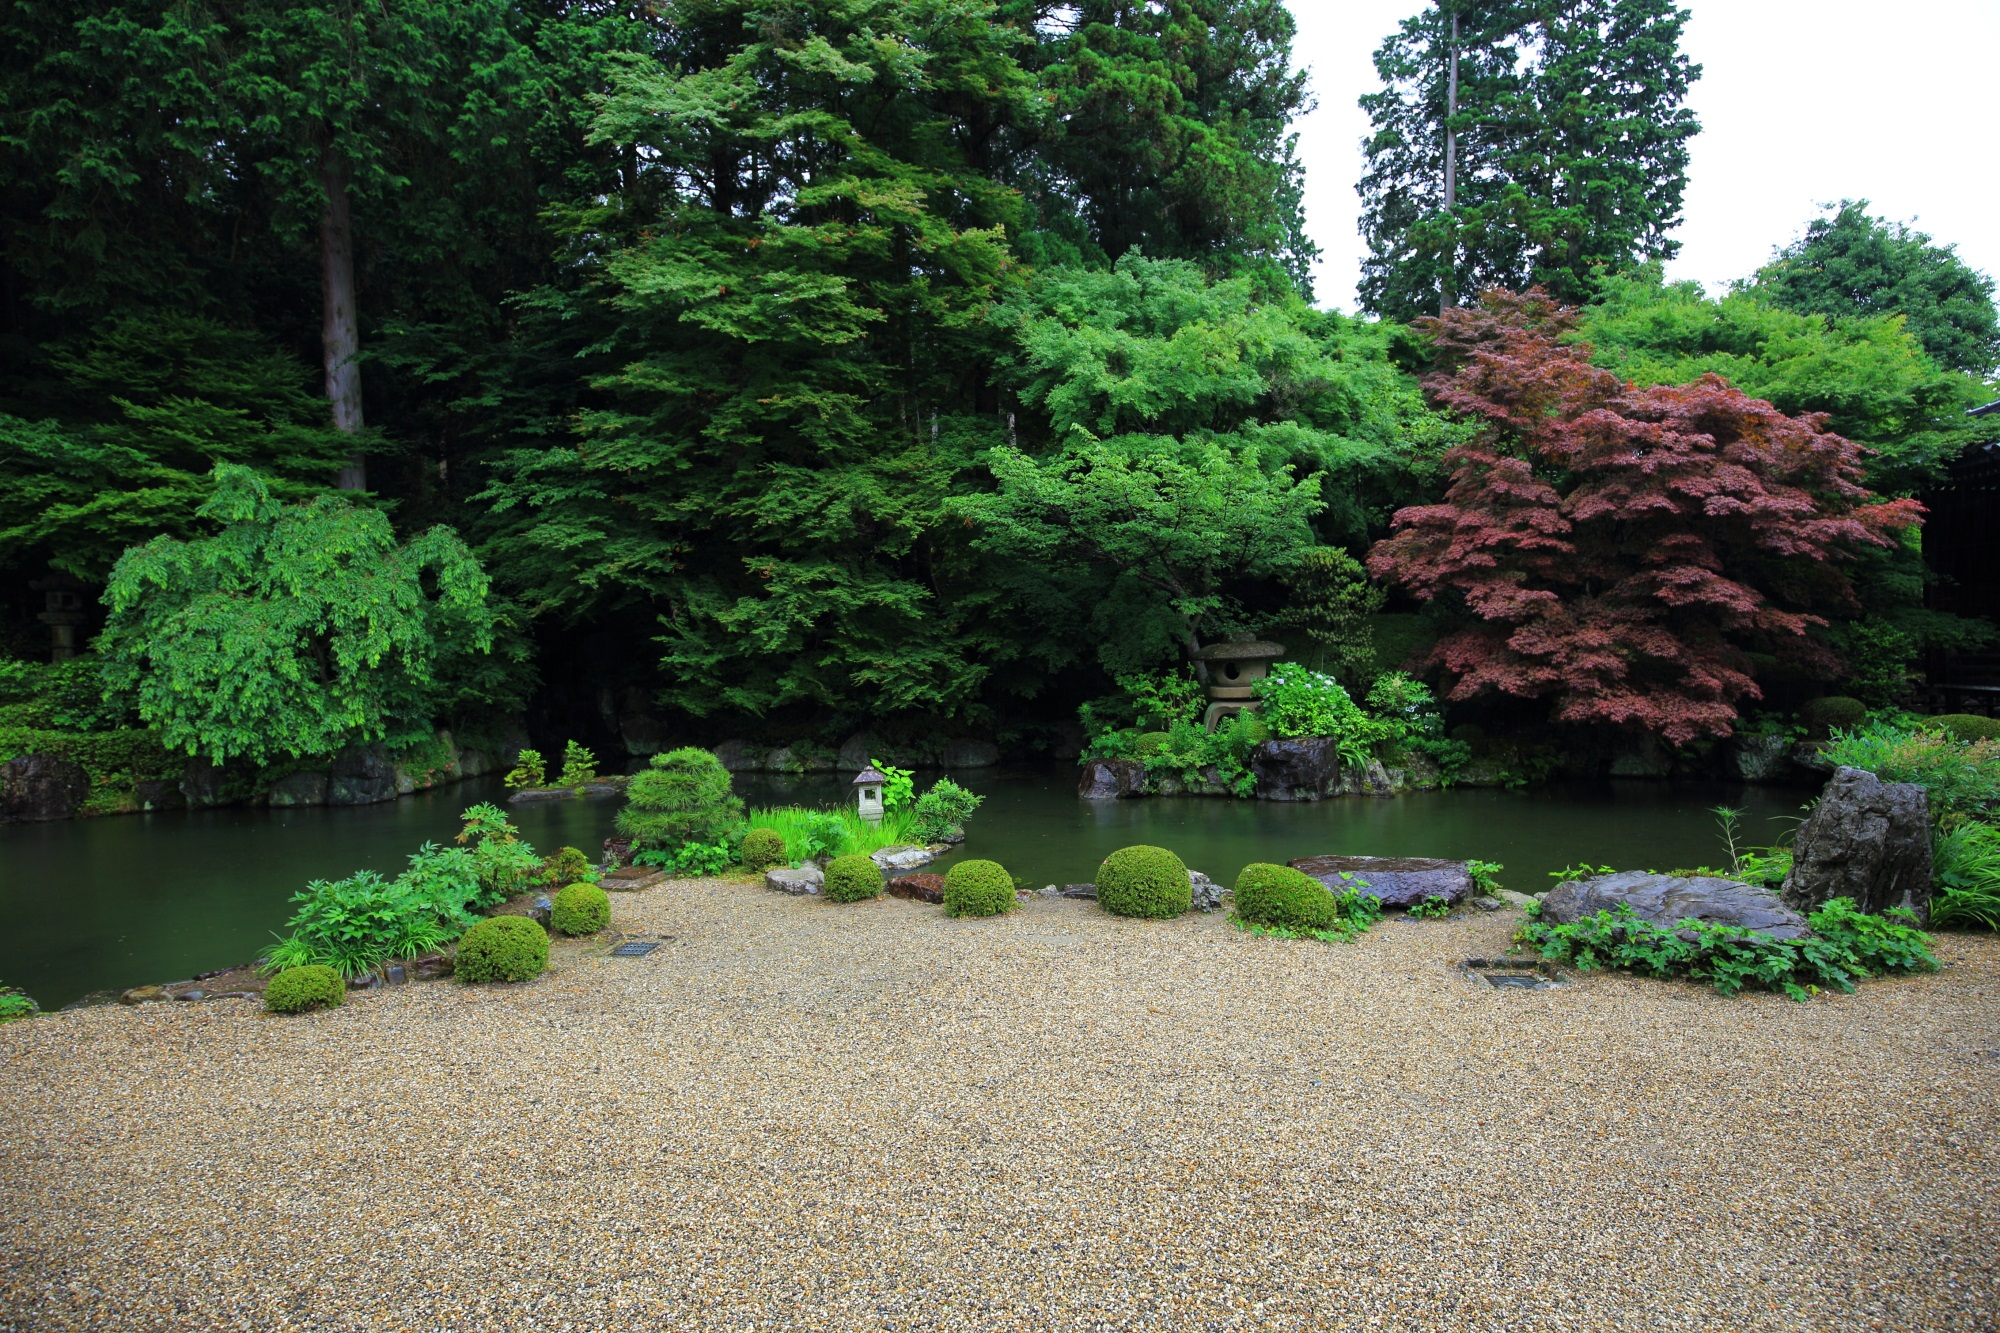 緑豊かな池泉式の庭園である善峯寺の蓮華寿院旧跡庭